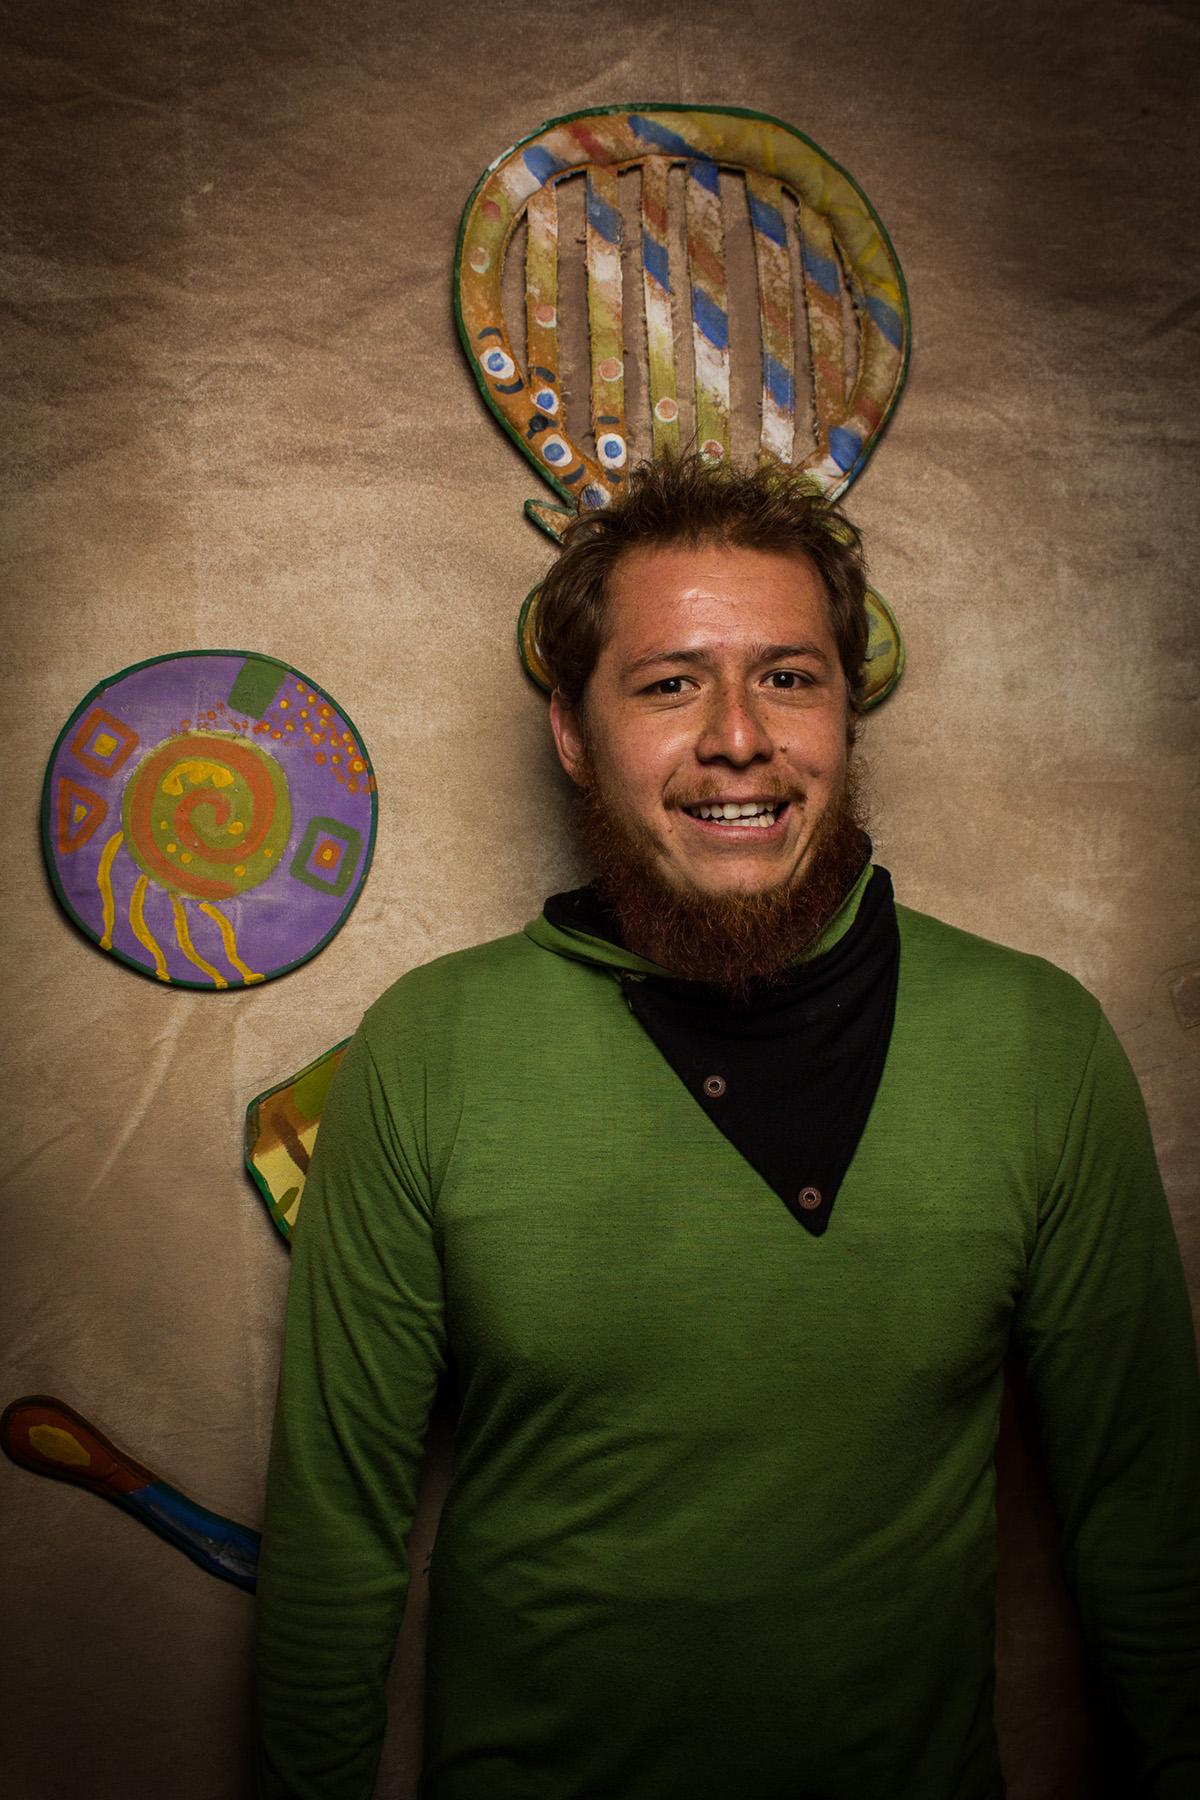 Xanharati teatro mexico michoacan Guanajuato locarco Carlo Olmos Carrillo